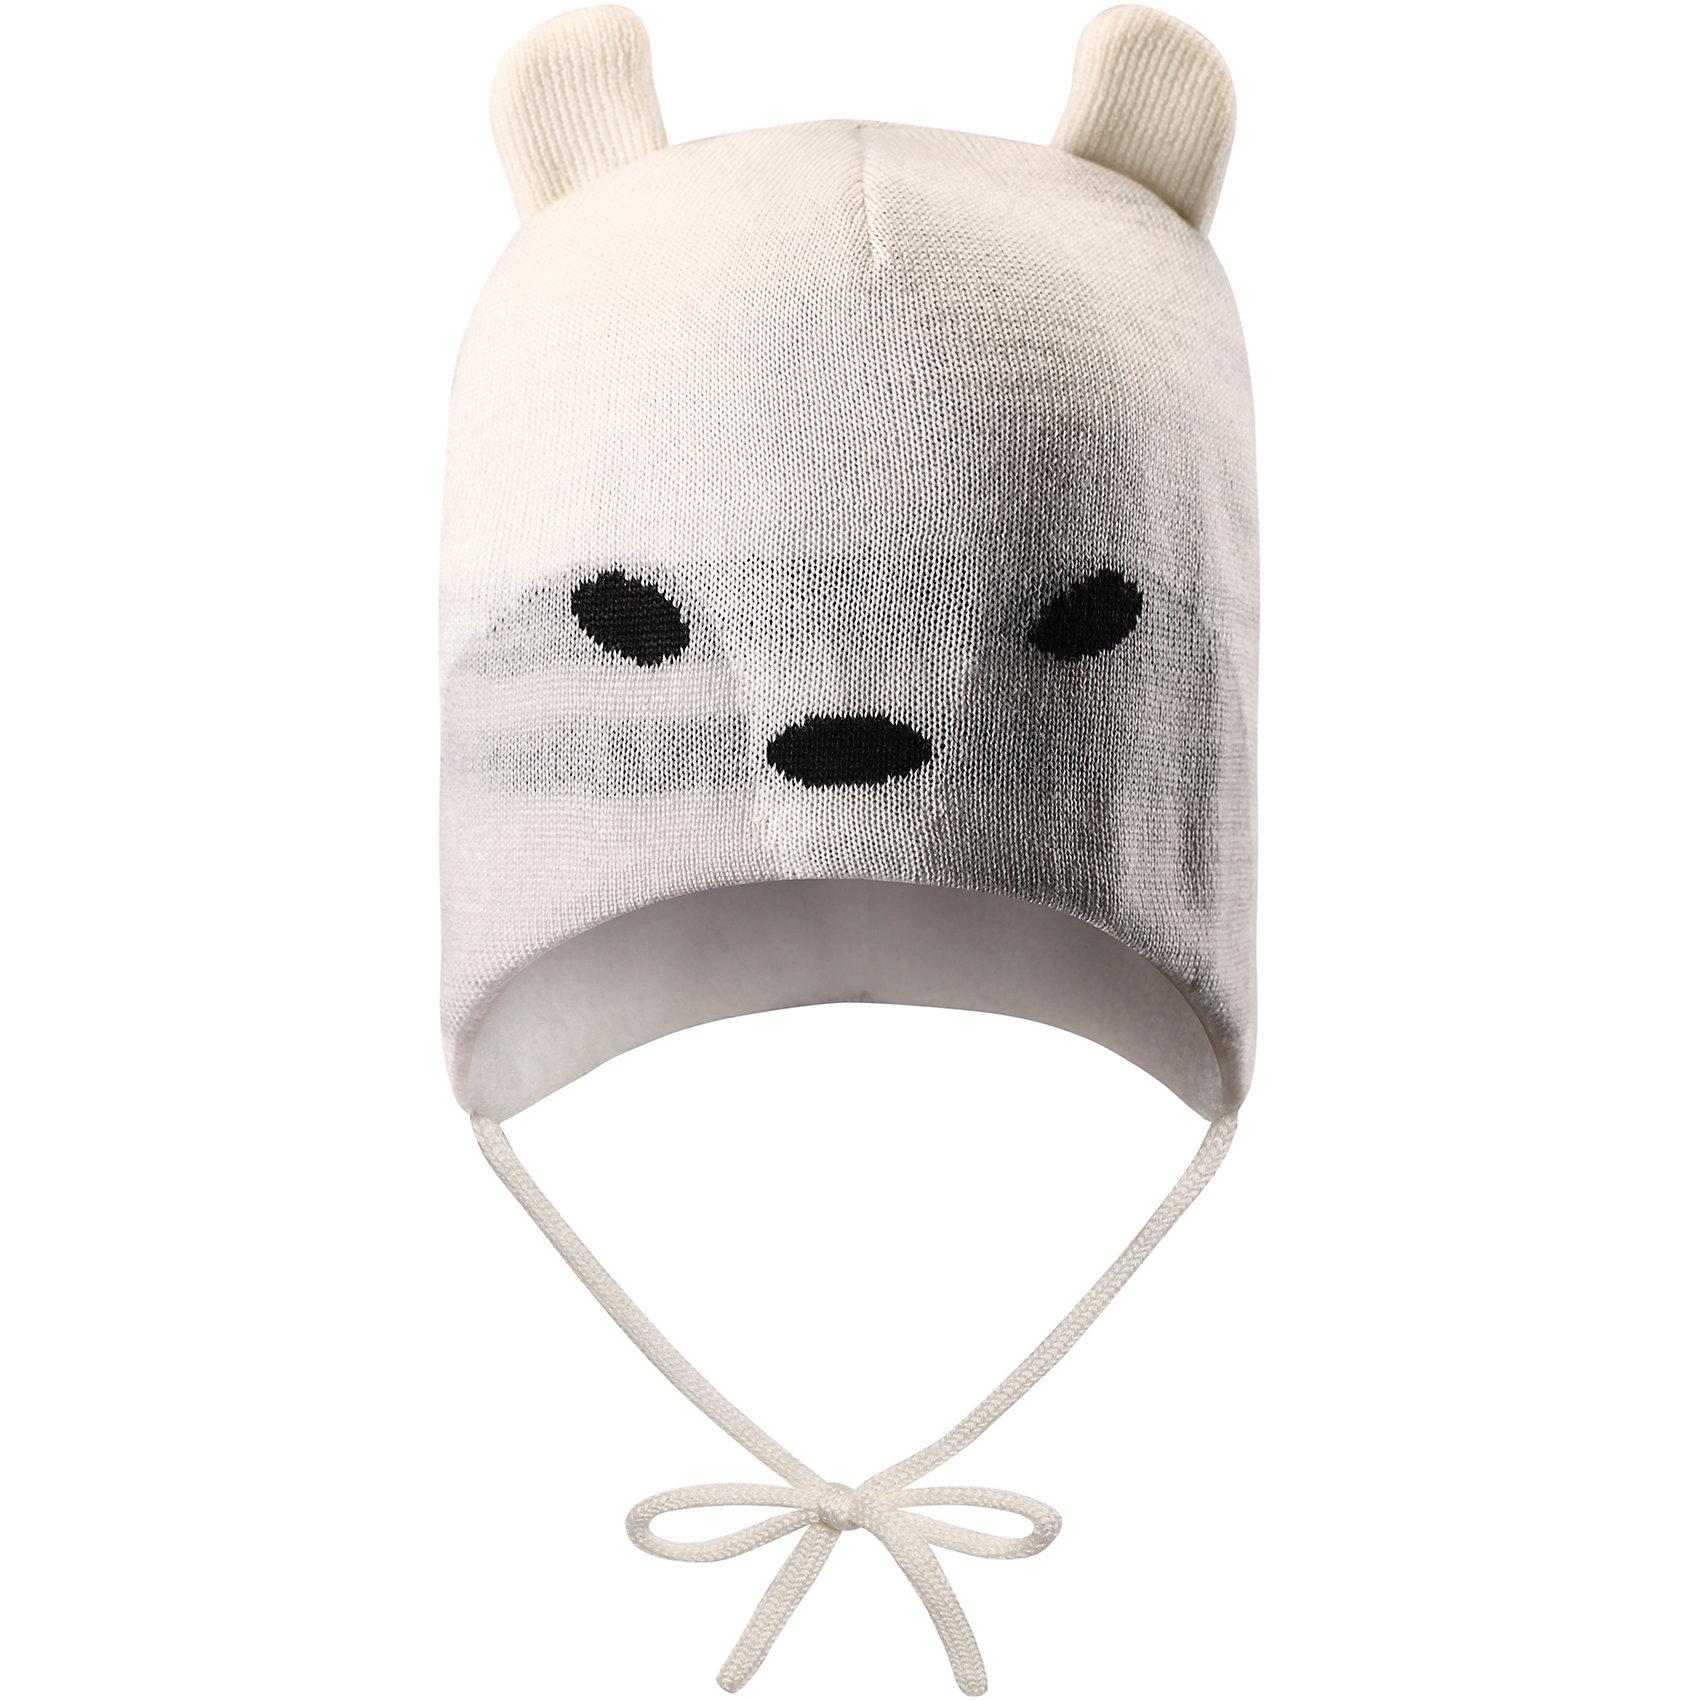 Шапка Hukkanen ReimaШапки и шарфы<br>Два в одном – красиво и тепло! Эта шапка для малышей из мягкой полушерсти с флисовой подкладкой надежно согреет в холодные зимние дни. Флис – очень приятный на ощупь материал, отводящий влагу с кожи.  Ветронепроницаемые вставки защищают ушки от ветра, а завязки не дадут шапке сбиваться. А какой у вас любимый мультяшный зверек?<br>Состав:<br>50% Шерсть, 50% Полиакрил<br><br>Ширина мм: 89<br>Глубина мм: 117<br>Высота мм: 44<br>Вес г: 155<br>Цвет: белый<br>Возраст от месяцев: 60<br>Возраст до месяцев: 72<br>Пол: Унисекс<br>Возраст: Детский<br>Размер: 52,46,48,50<br>SKU: 6907181